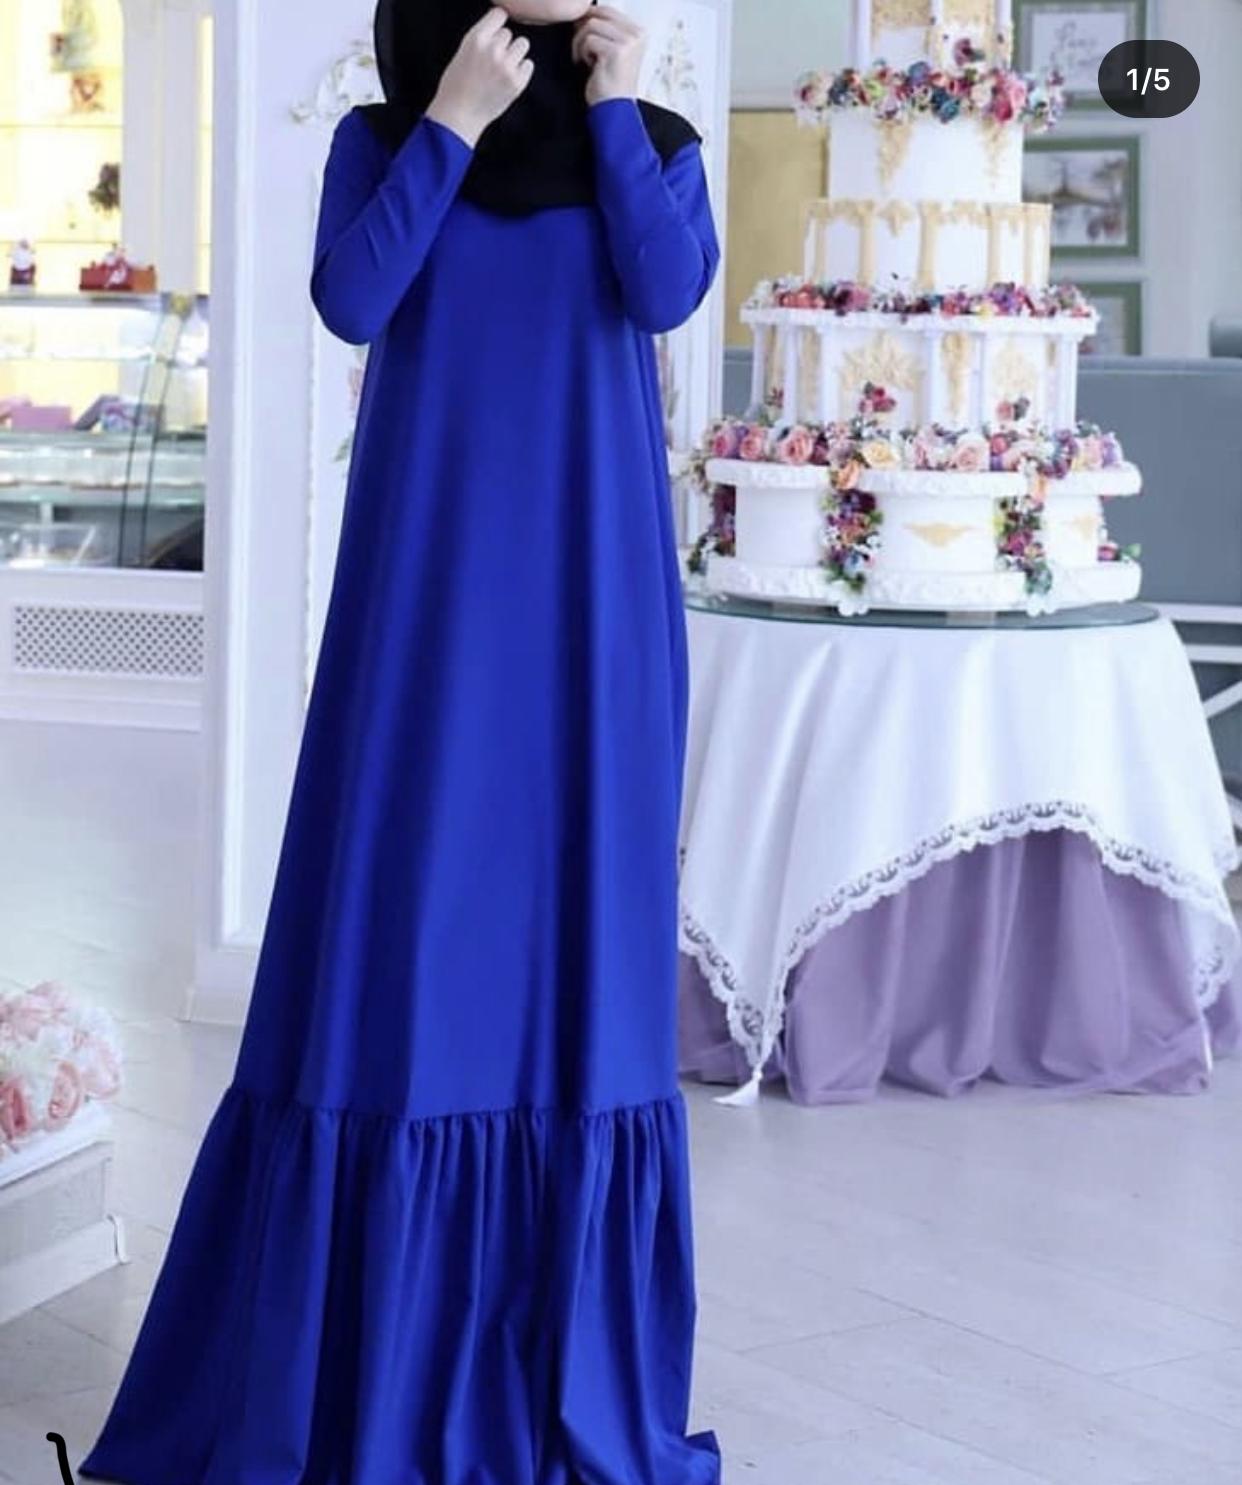 Куплю мусульманские платья. Широкого кроя. Цвета нейтральные. Размеры все.